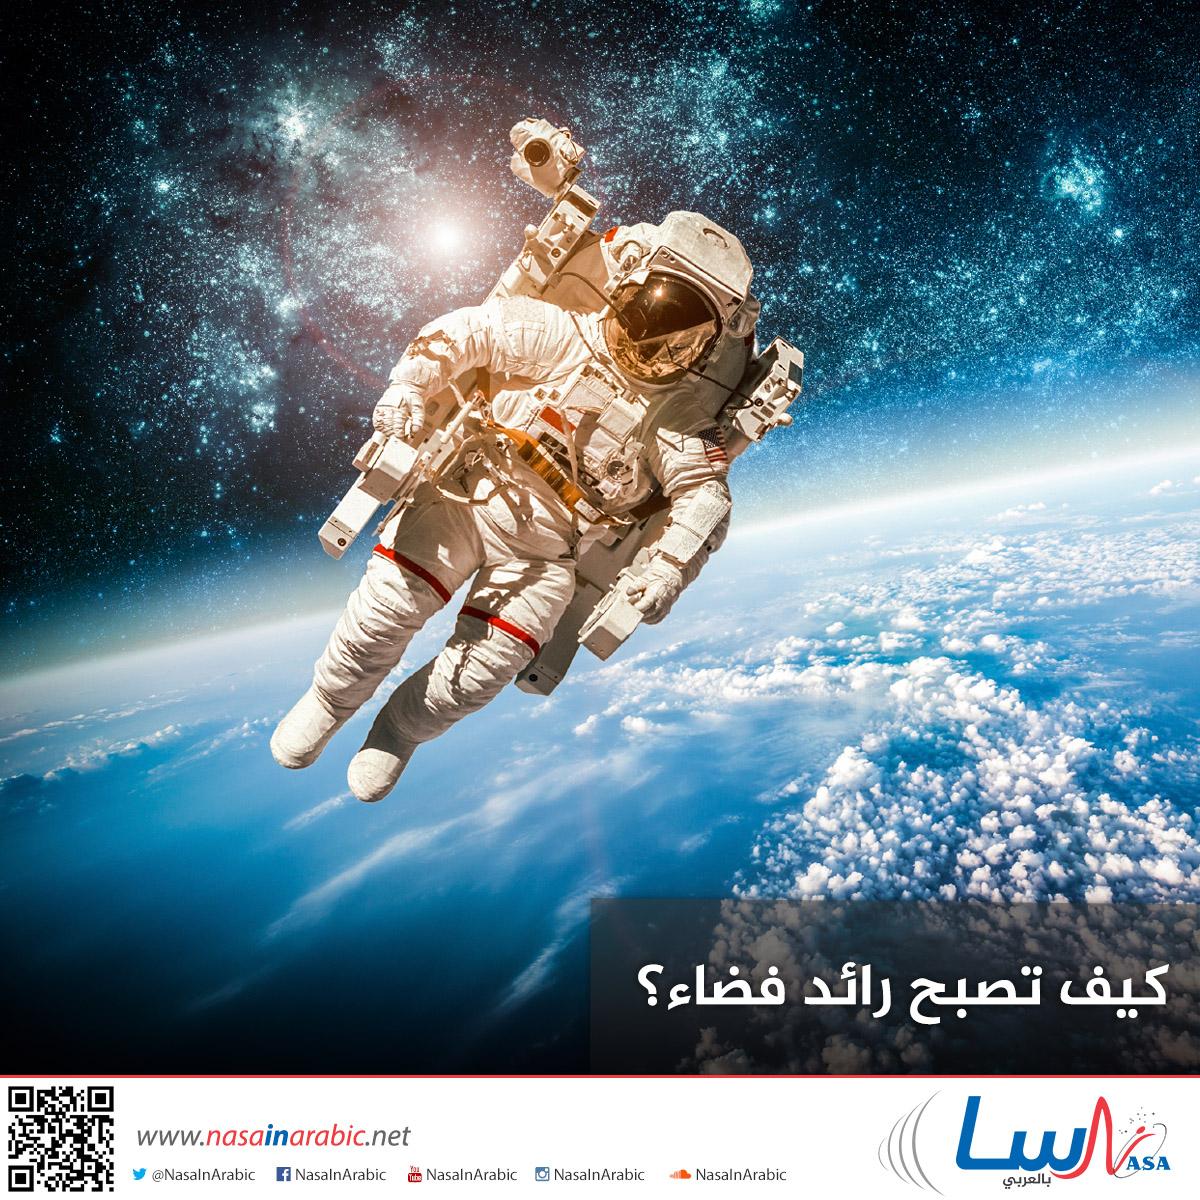 كيف تصبح رائد فضاء؟ الجزء الأول